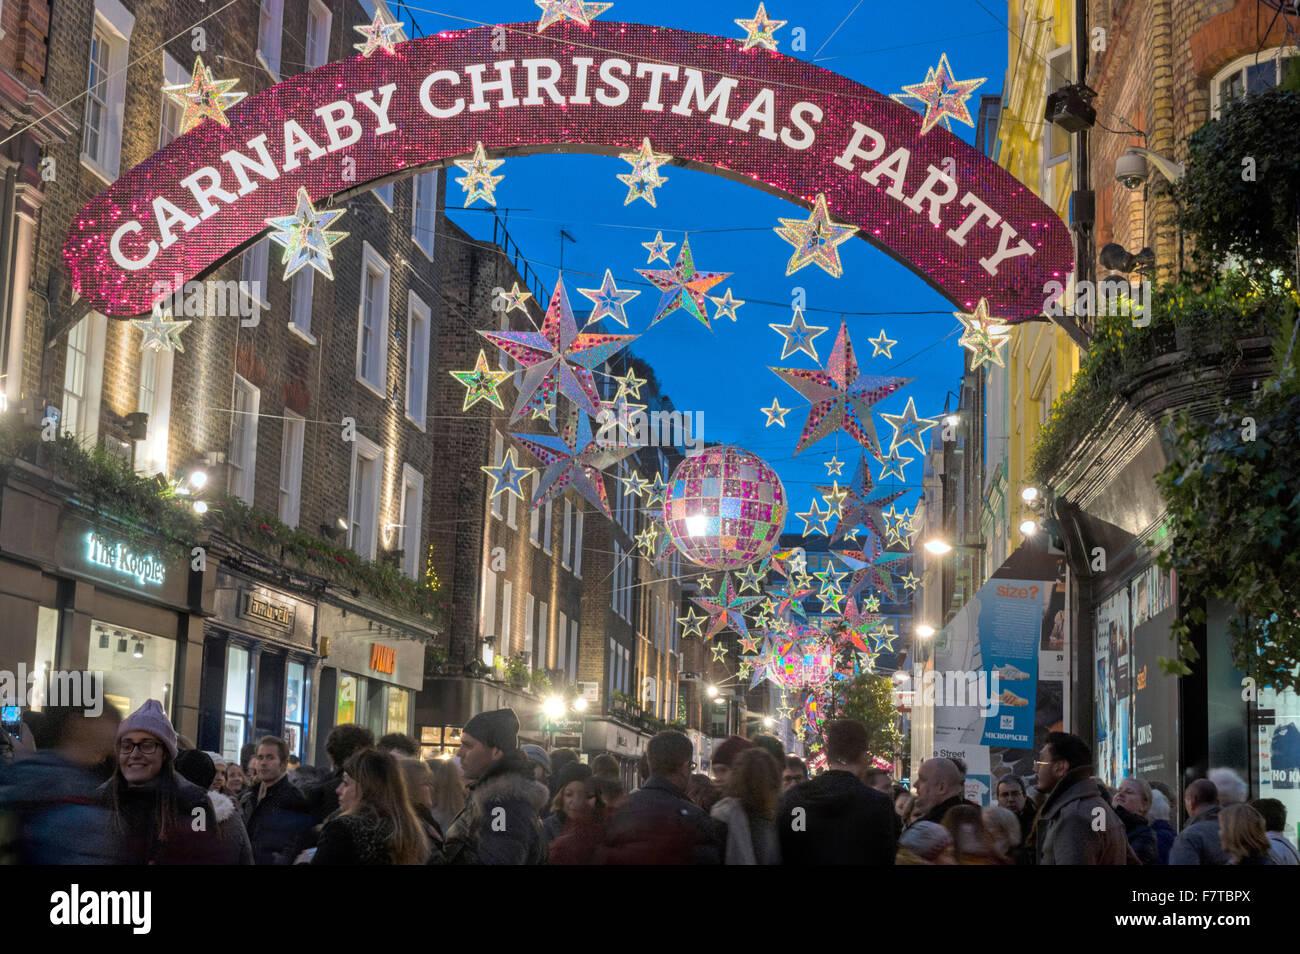 Weihnachtsschmuck Londoner Carnaby Street Weihnachten London 2016 Stockbild